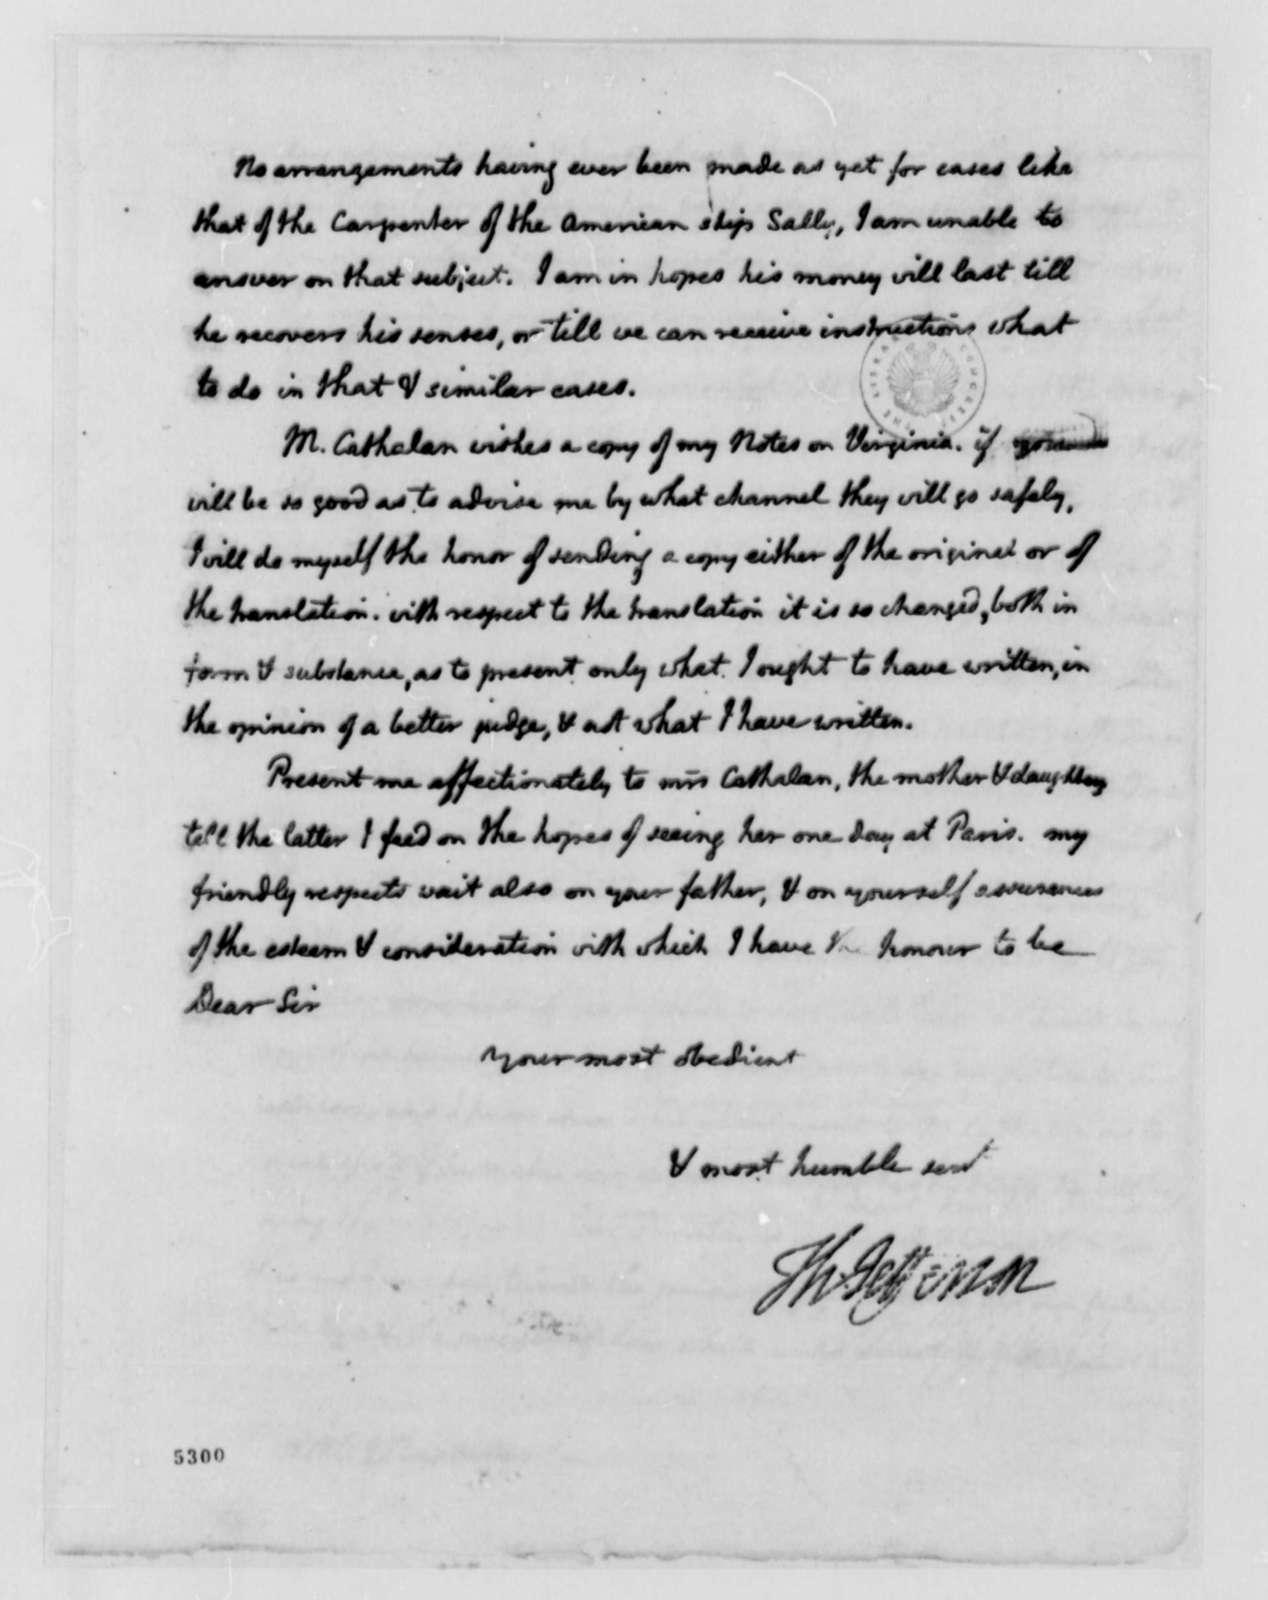 Thomas Jefferson to Stephen Cathalan Jr., July 21, 1787